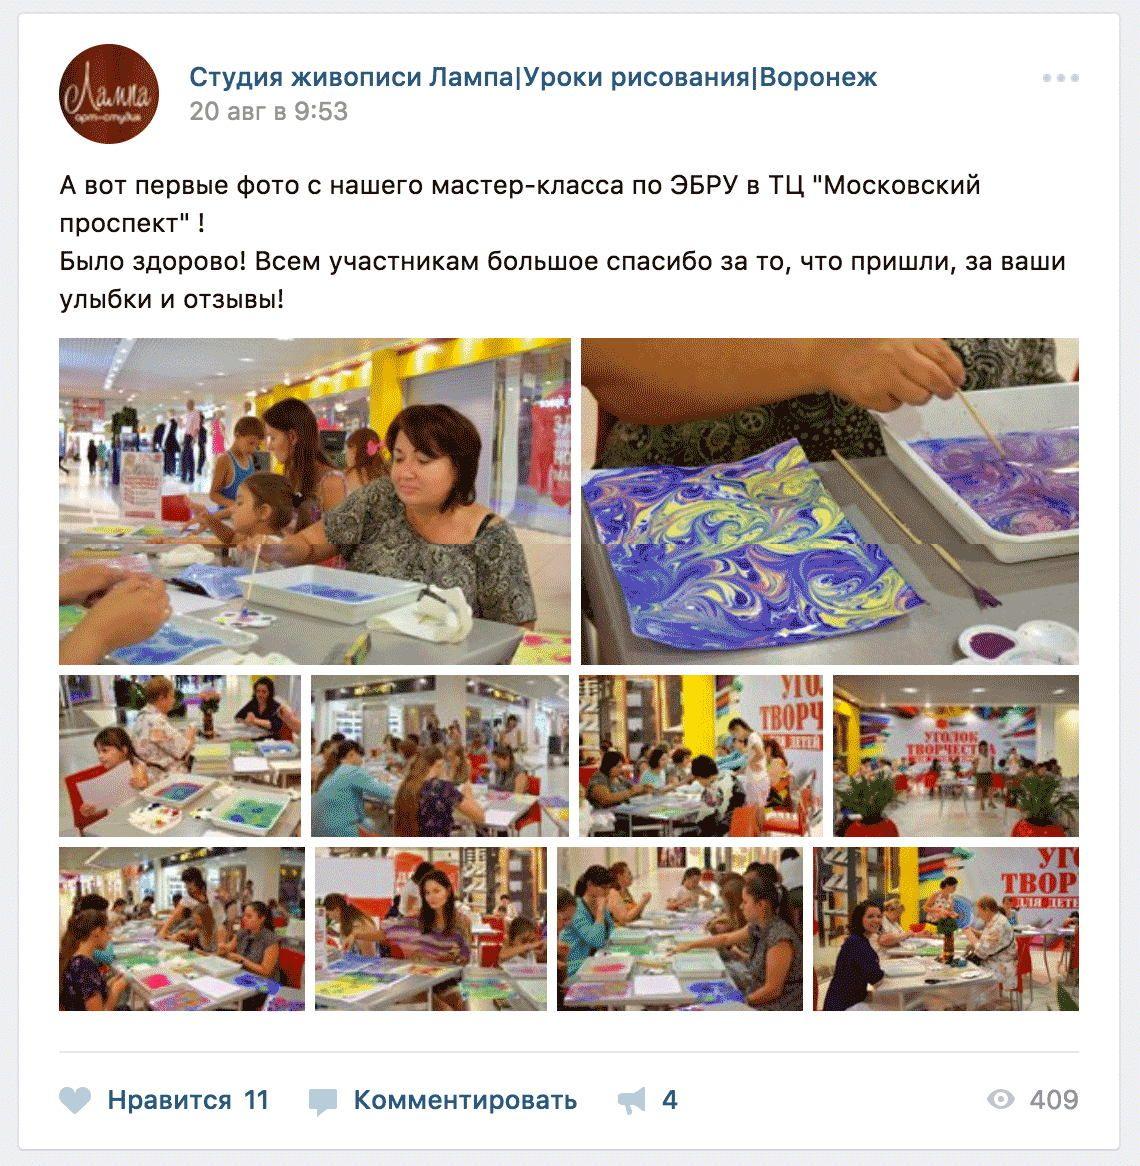 Мастер-классы. изготовление поделок своими руками с пошаговыми фотографиями. воспитателям детских садов, школьным учителям и педагогам - маам.ру